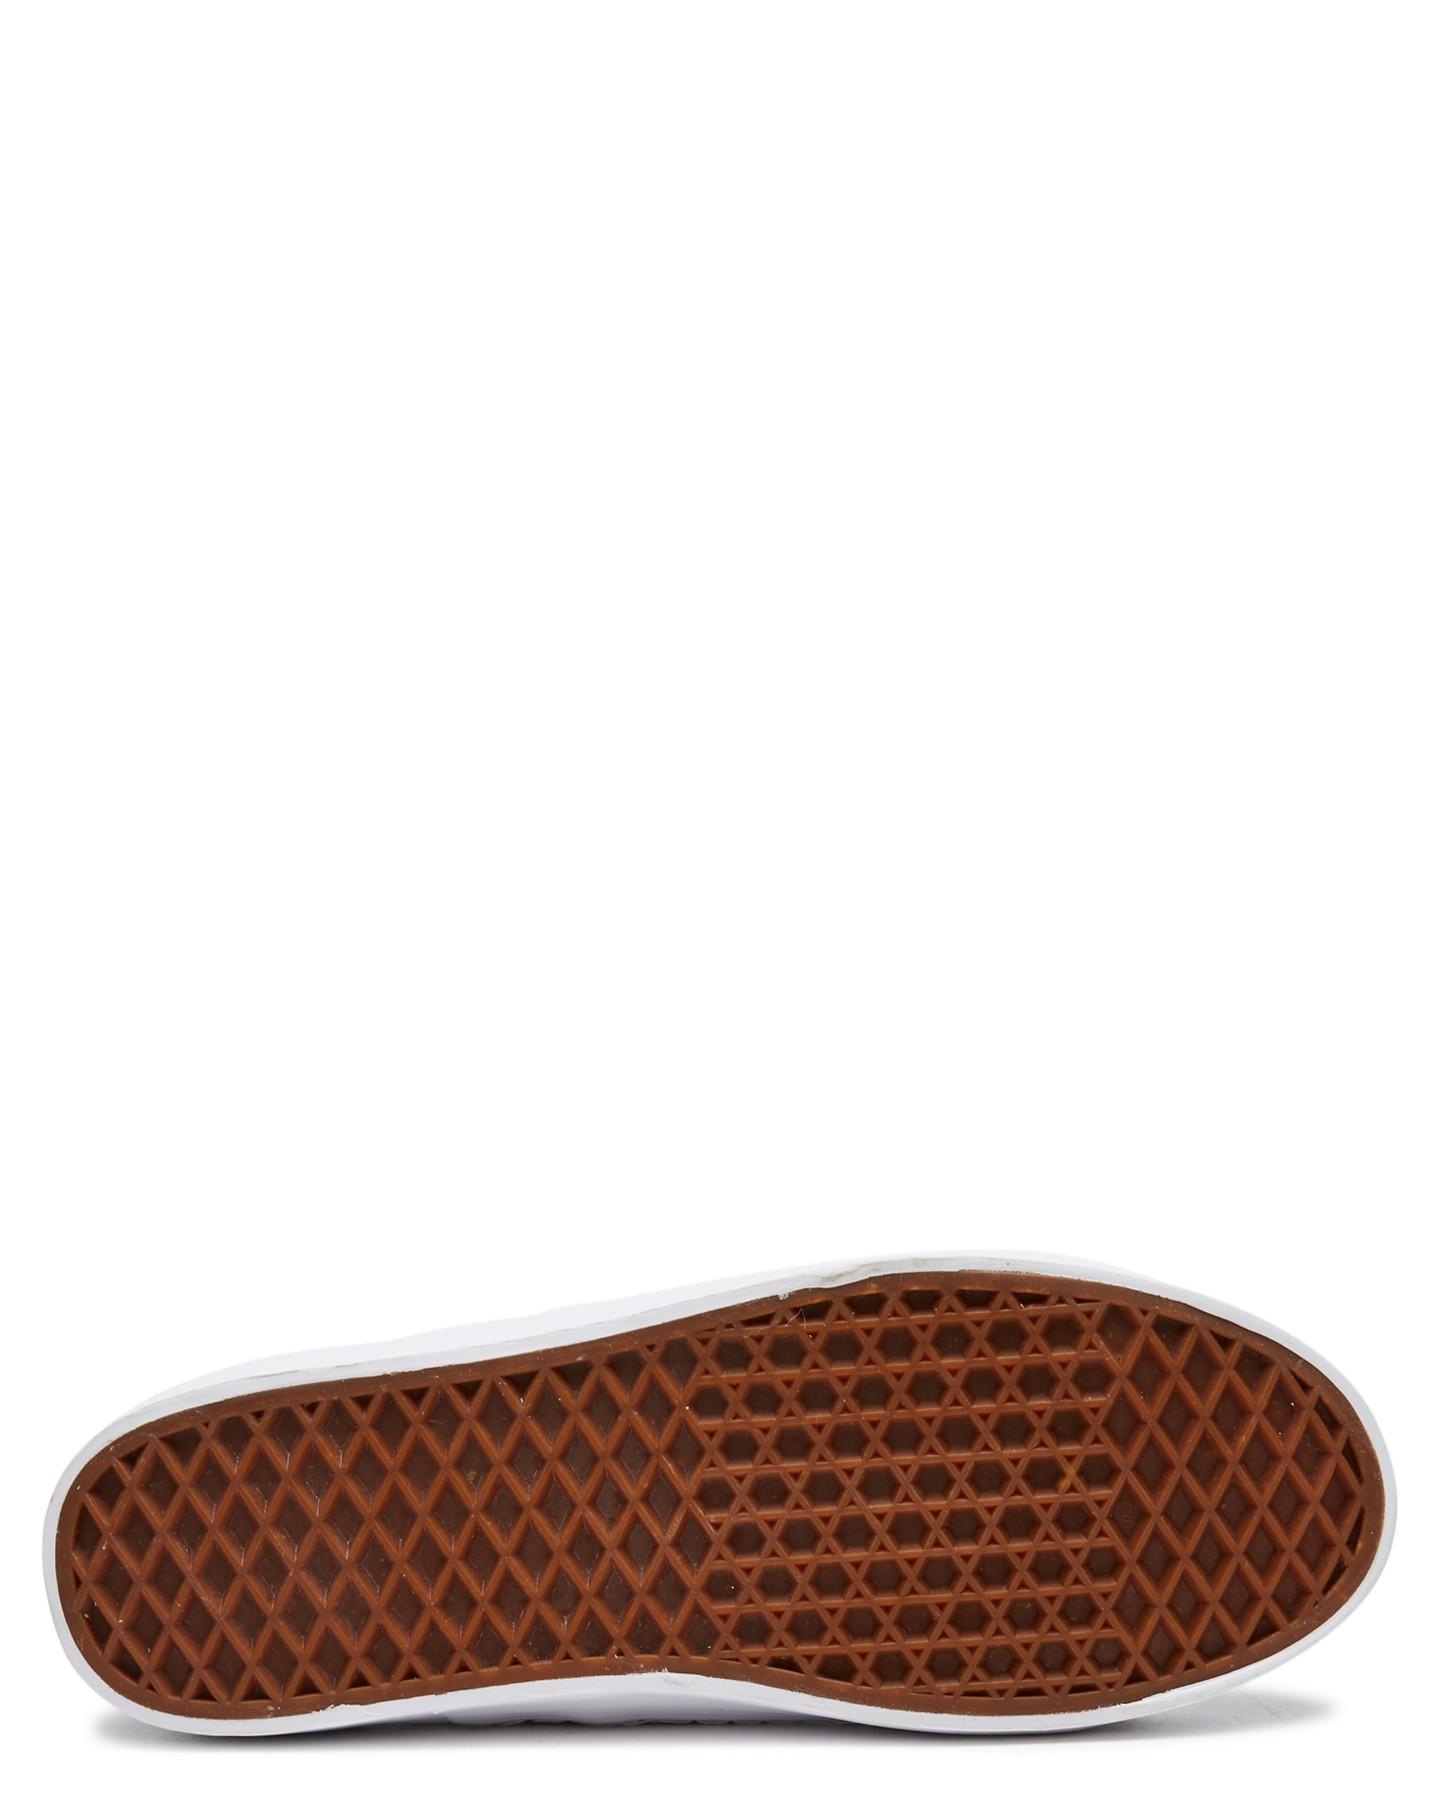 New-Human-Footwear-Women-039-s-Womens-Cass-Shoe-Rubber thumbnail 13